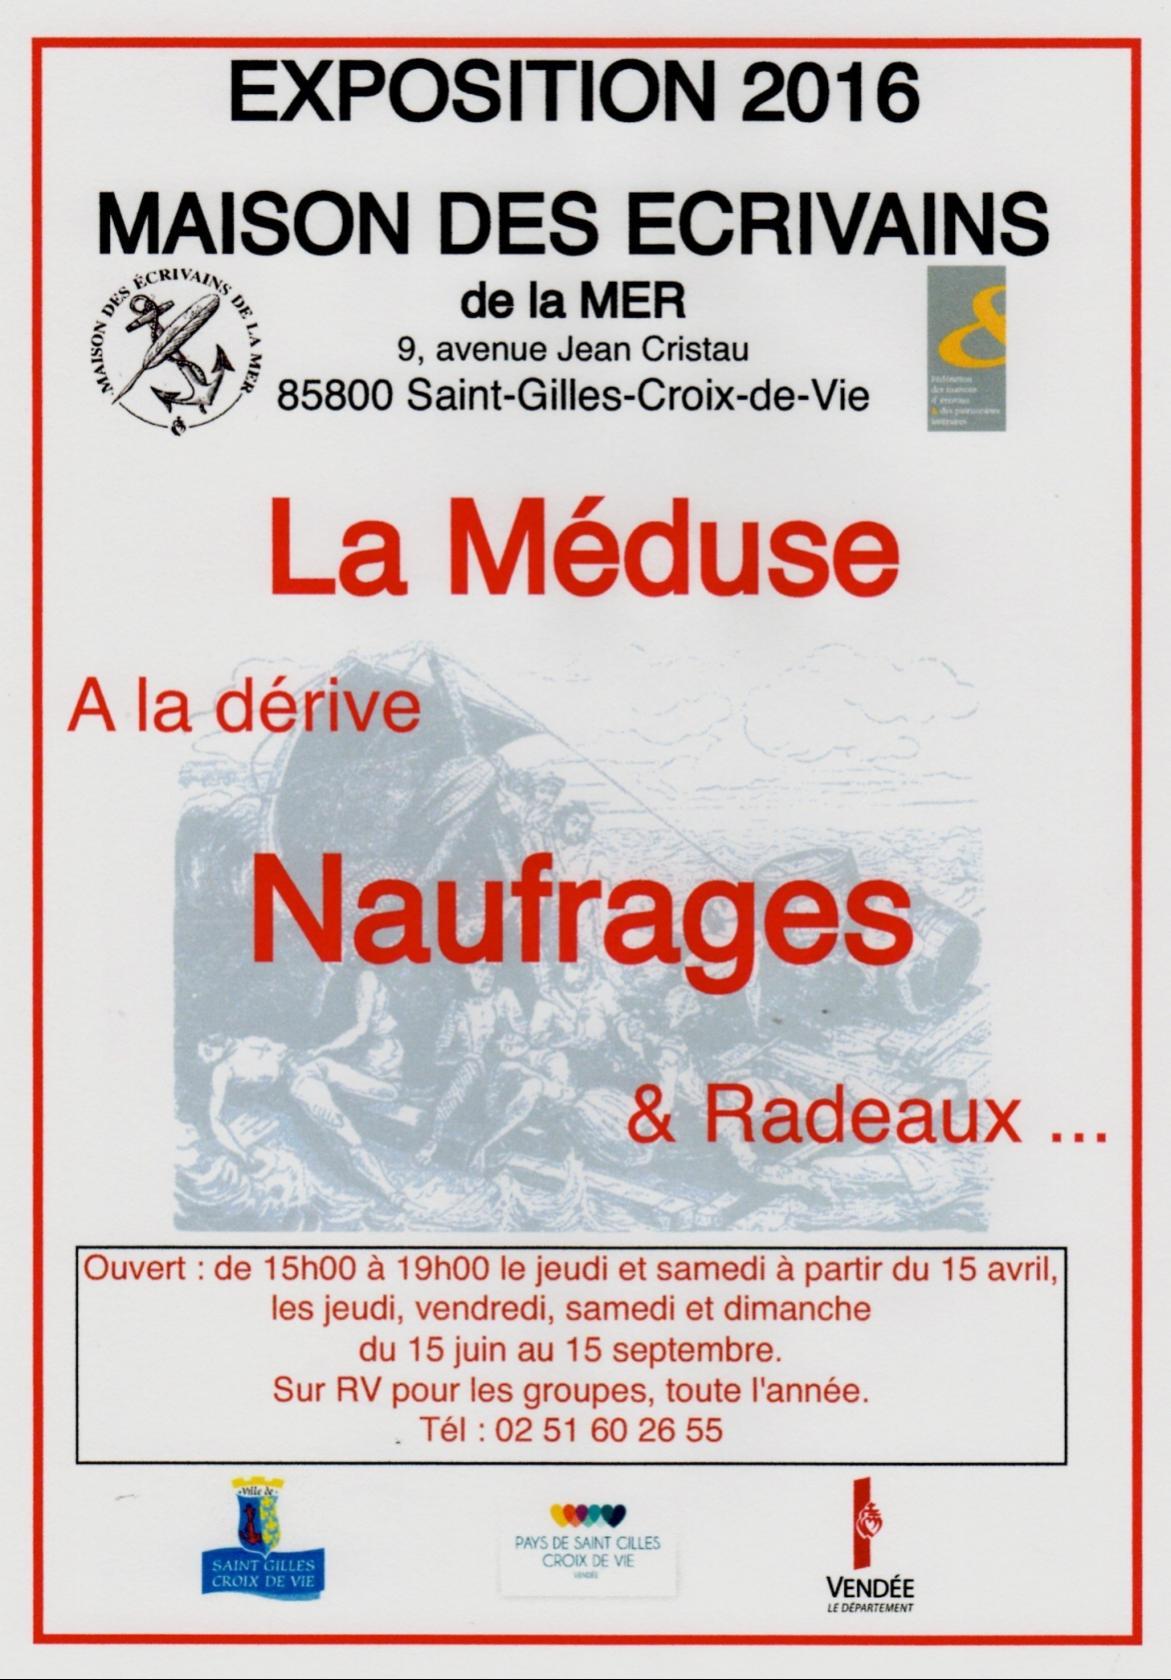 ' Méduse'' à dérive naufrages et radeaux Saint-Gilles-Croix-de-Vie